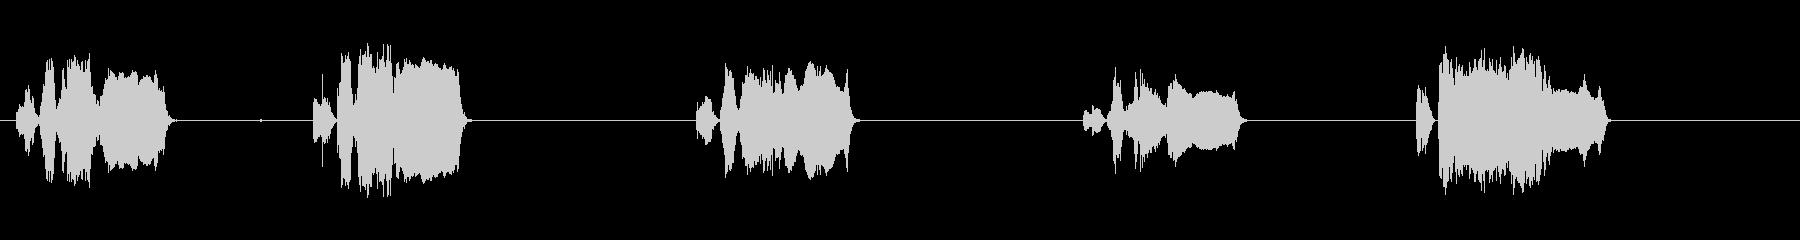 オンドリ5回-インサイド-の未再生の波形